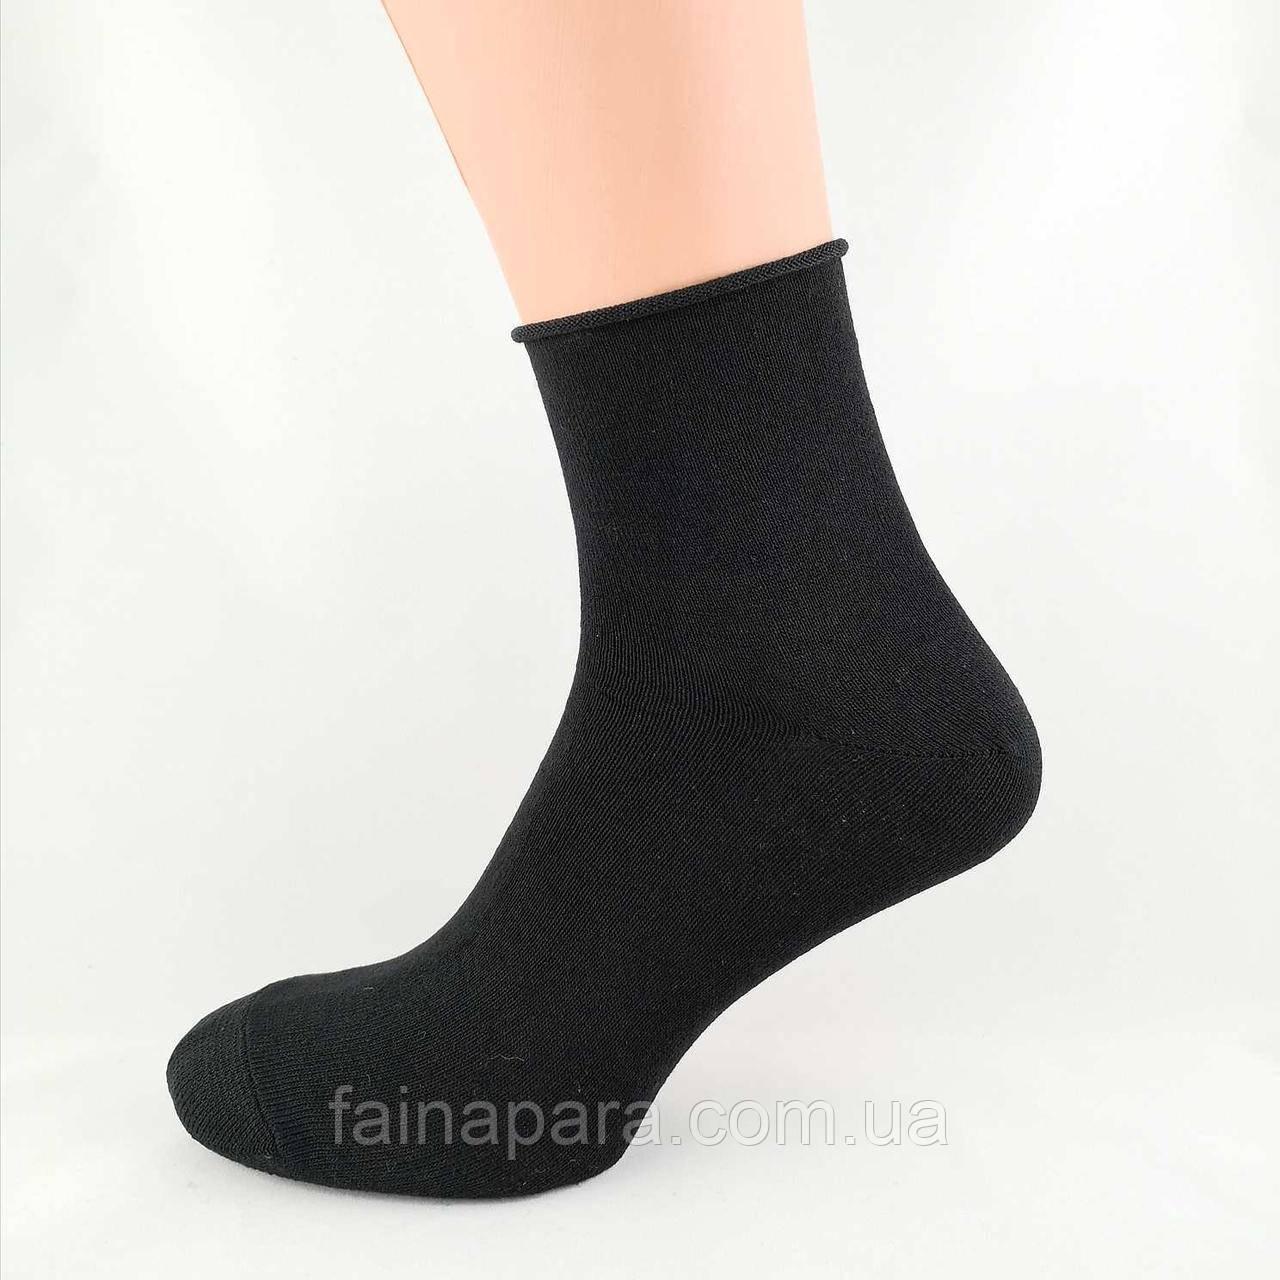 Чоловічі бавовняні шкарпетки без гумки Житомир середні